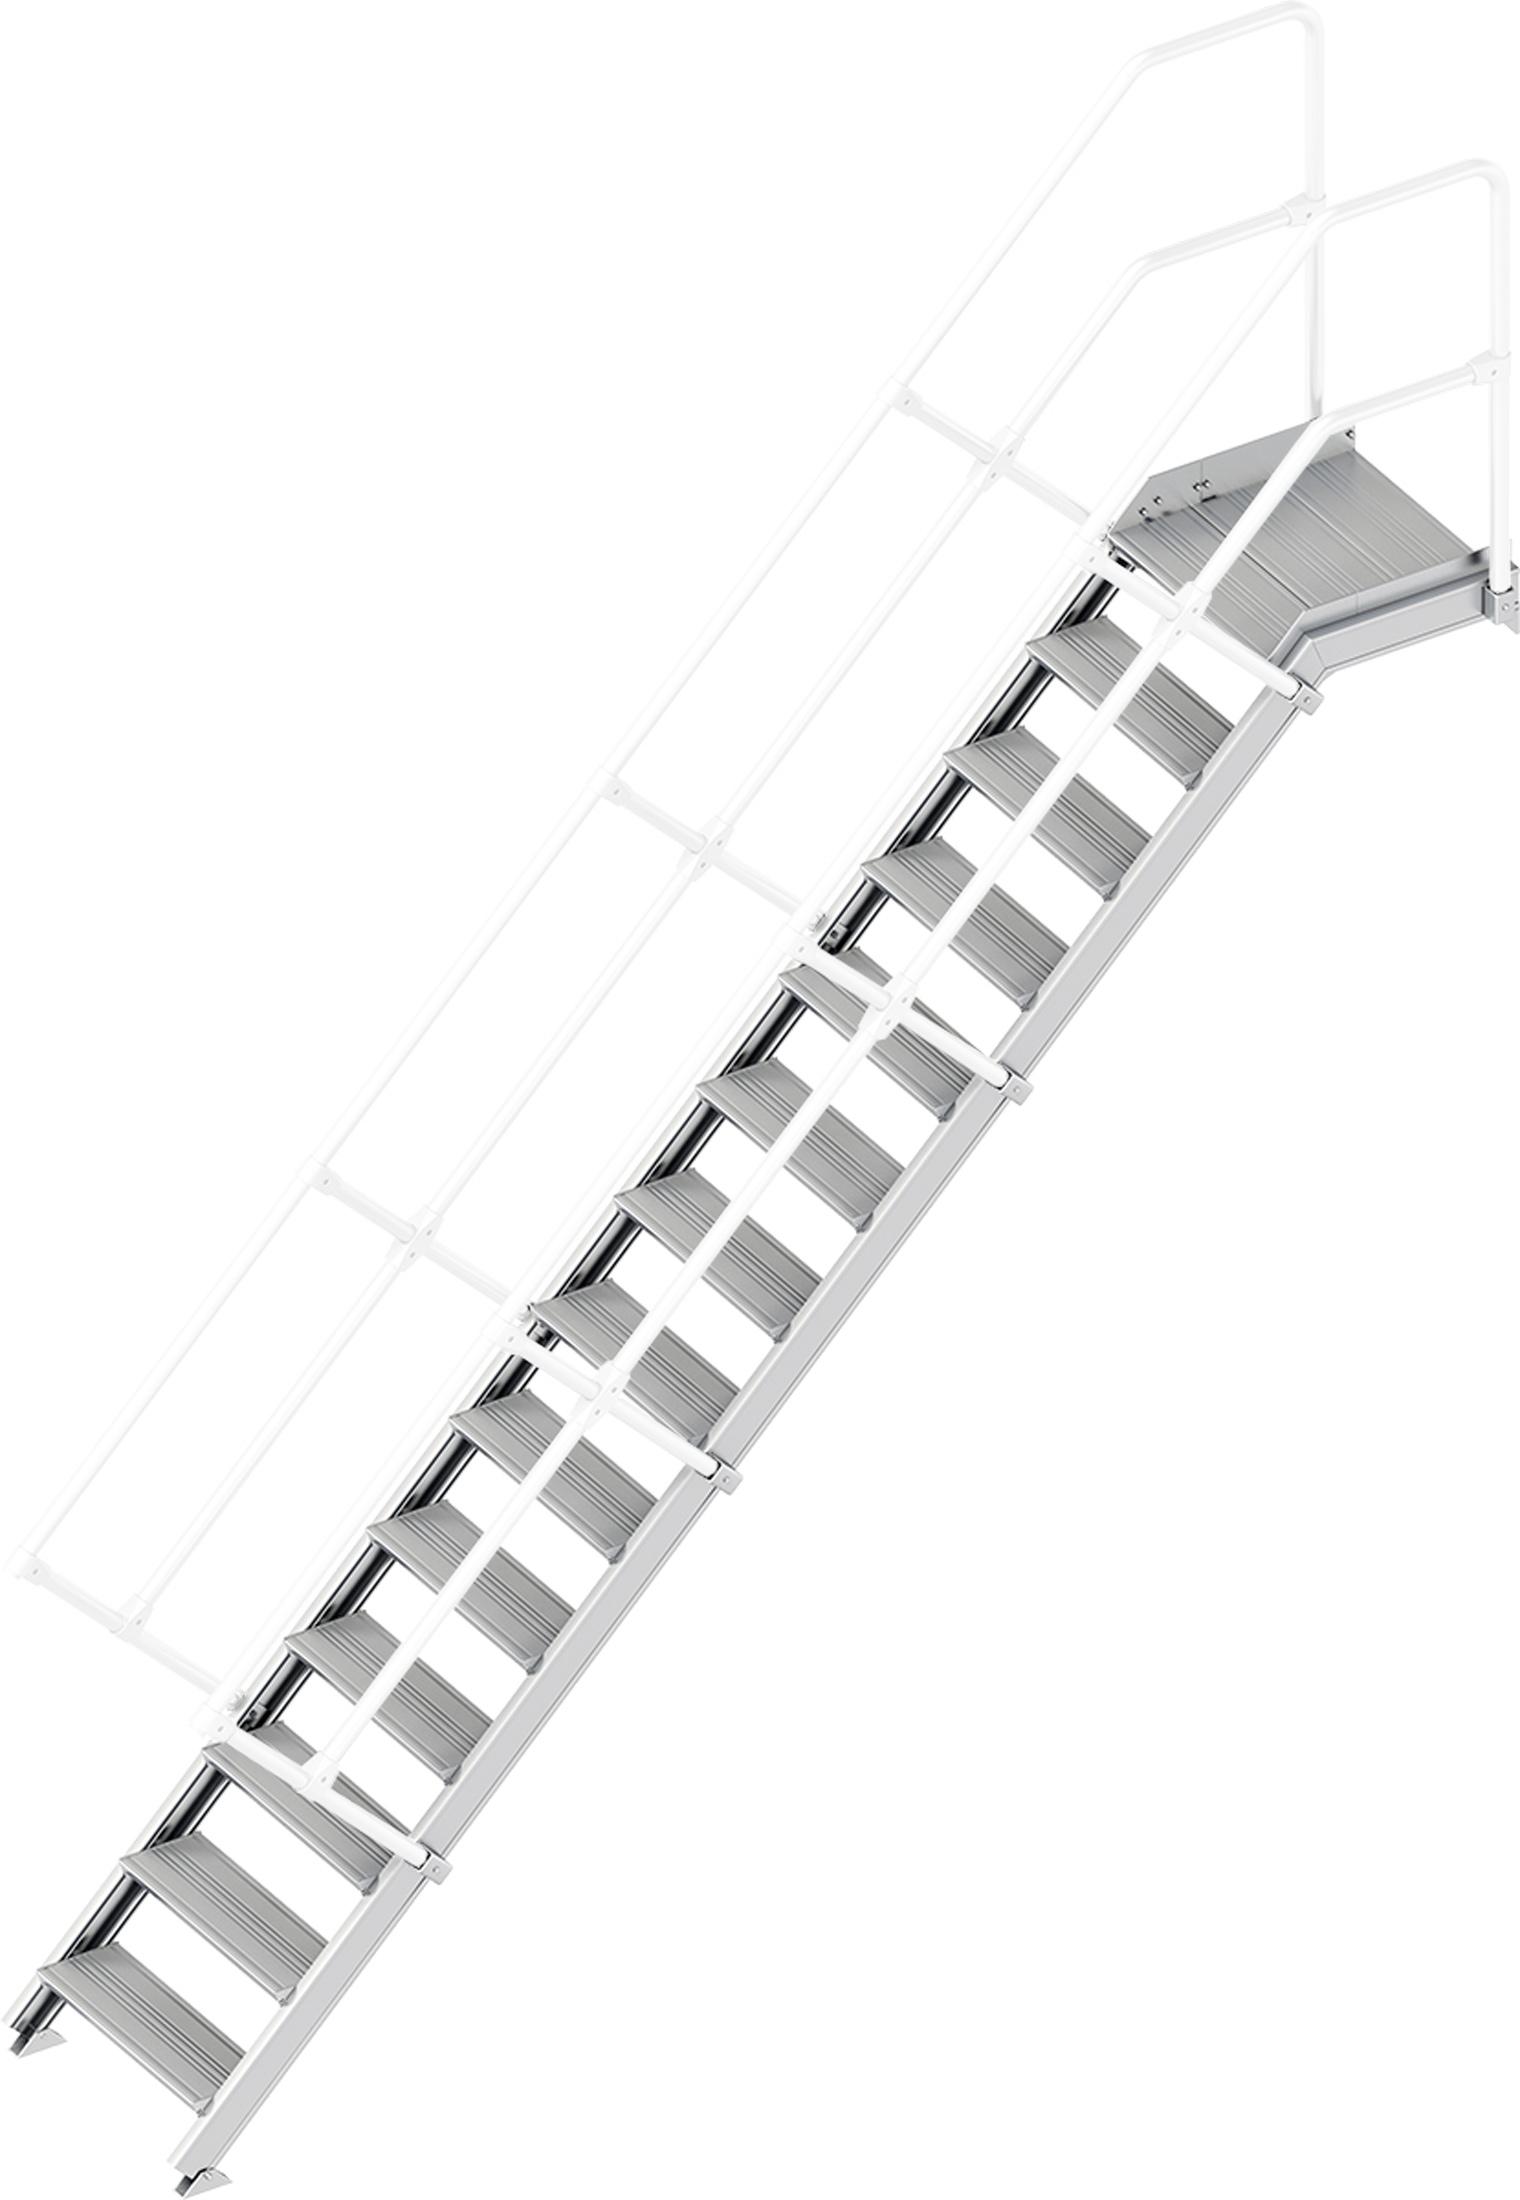 Layher Plattformtreppe 45° 14 Stufen - 600 mm breit